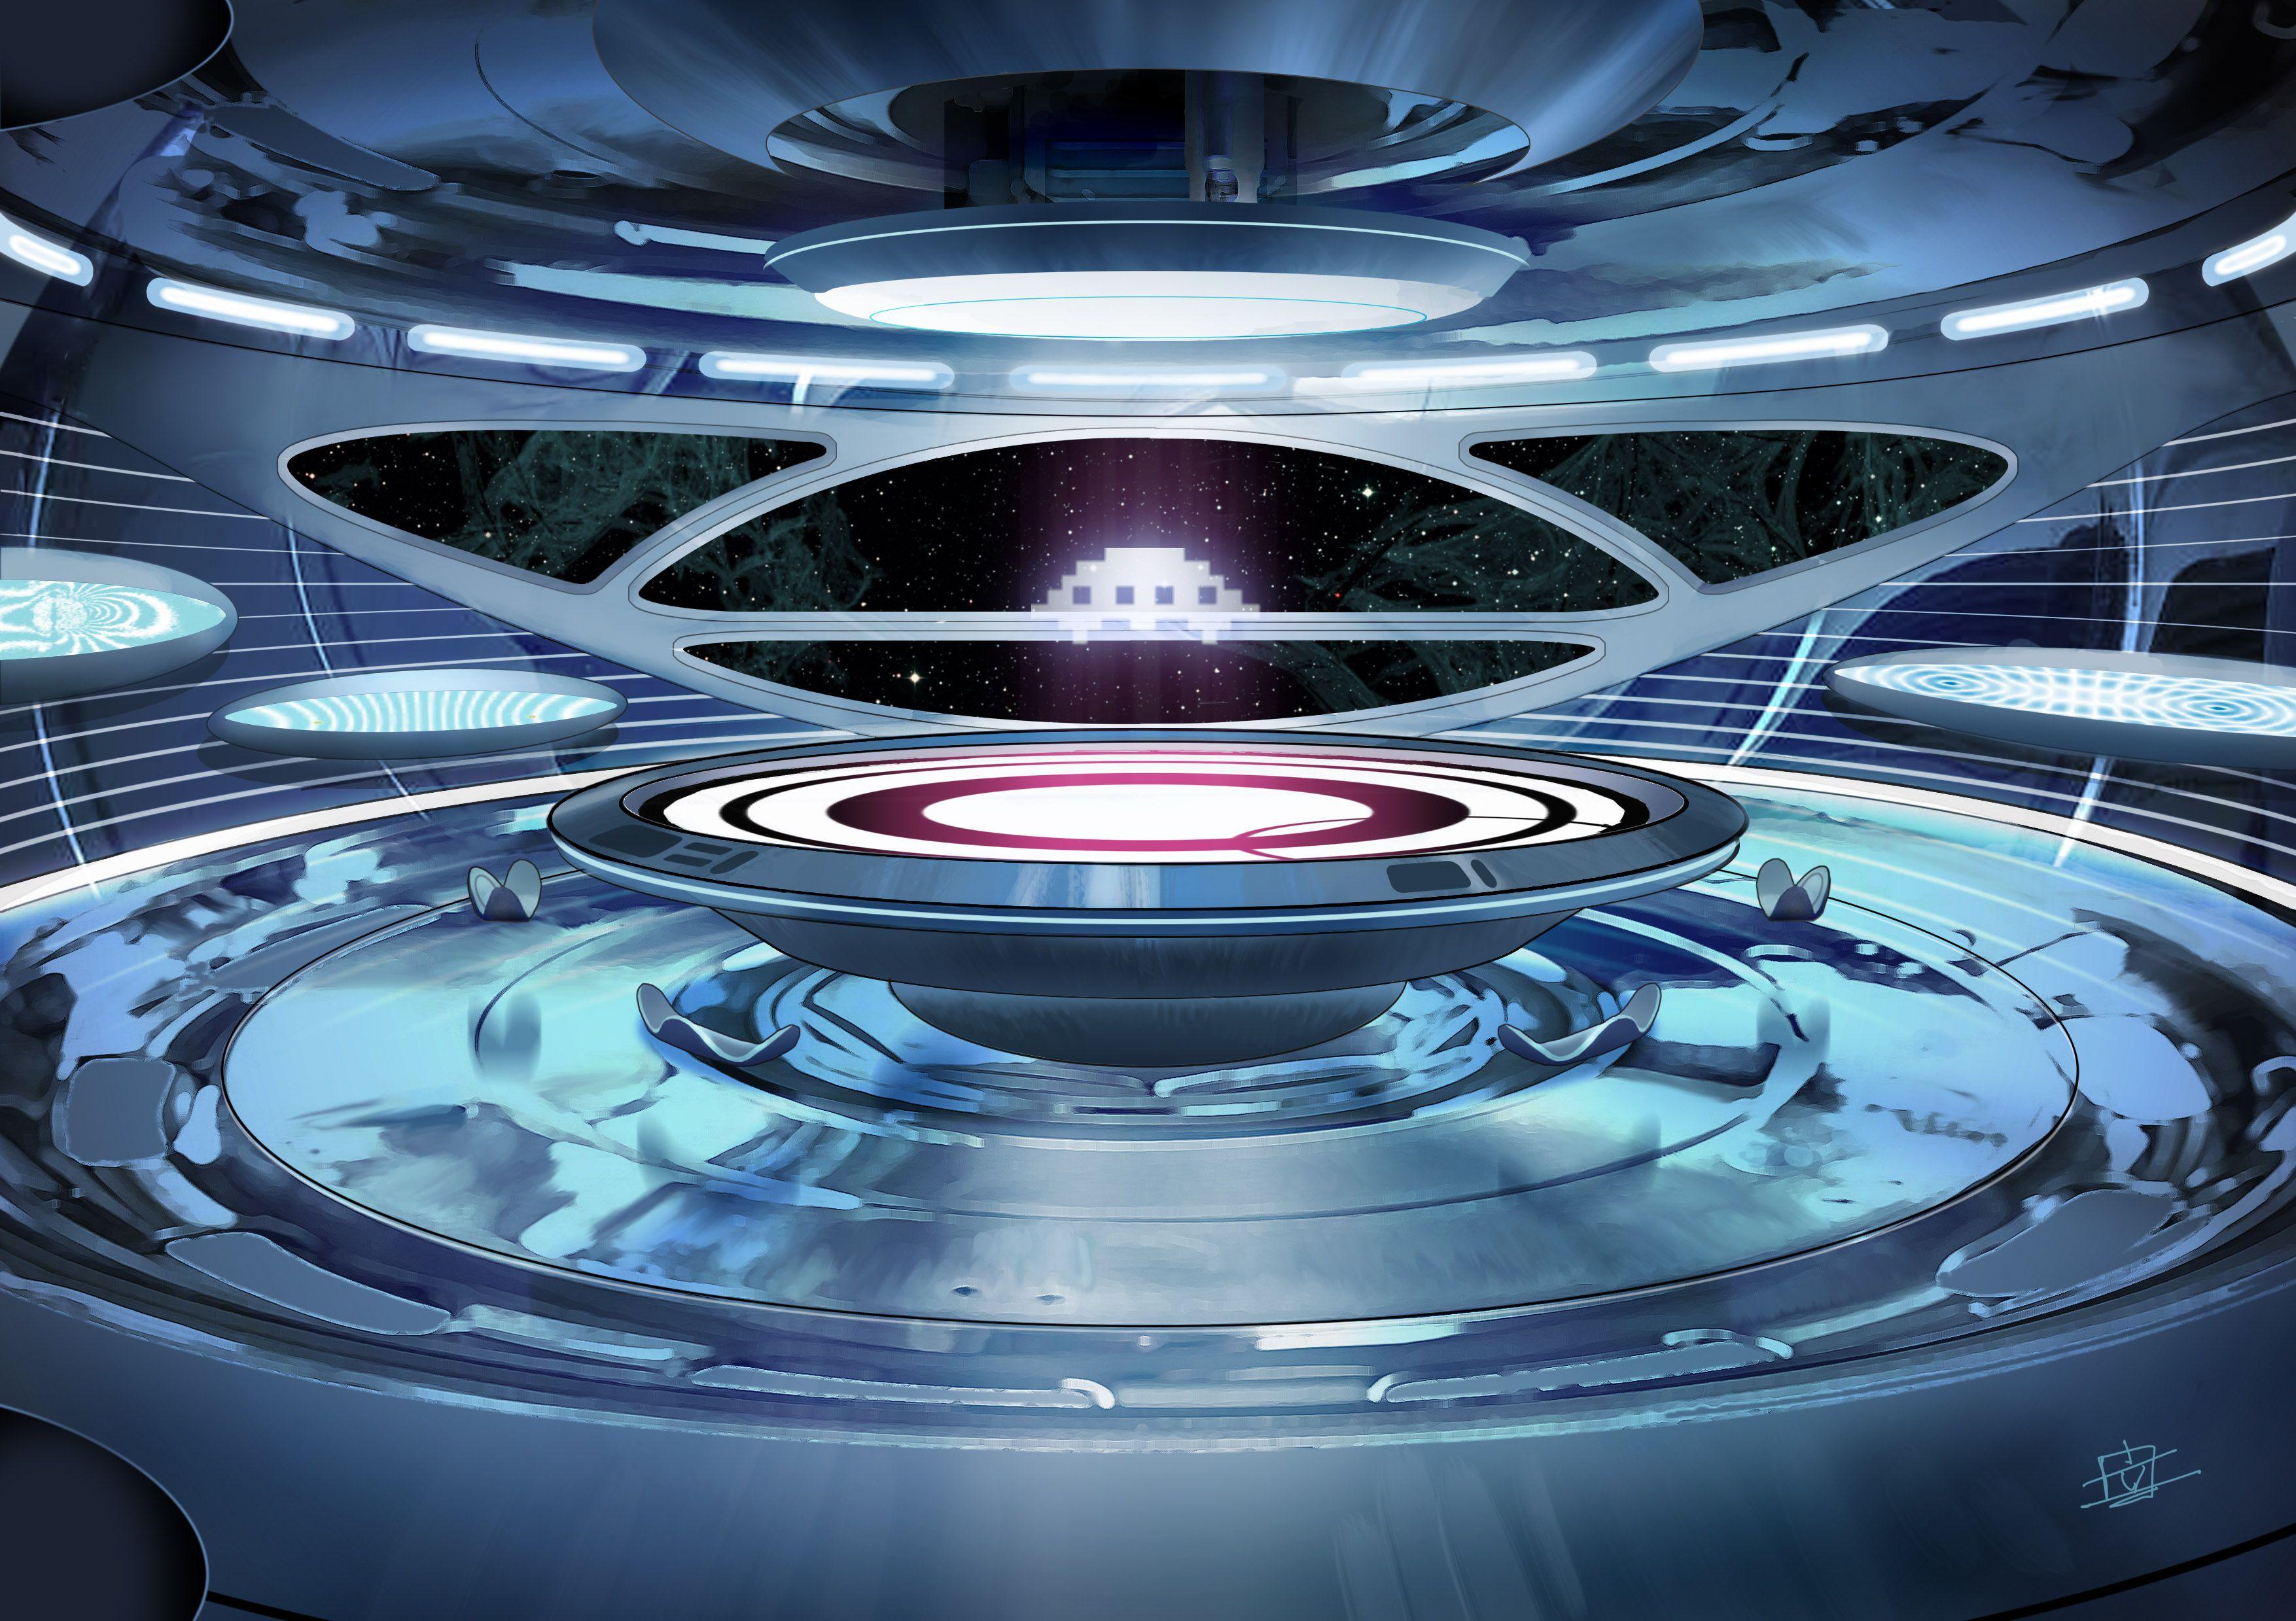 single person bridge sci fi spacecraft - photo #43